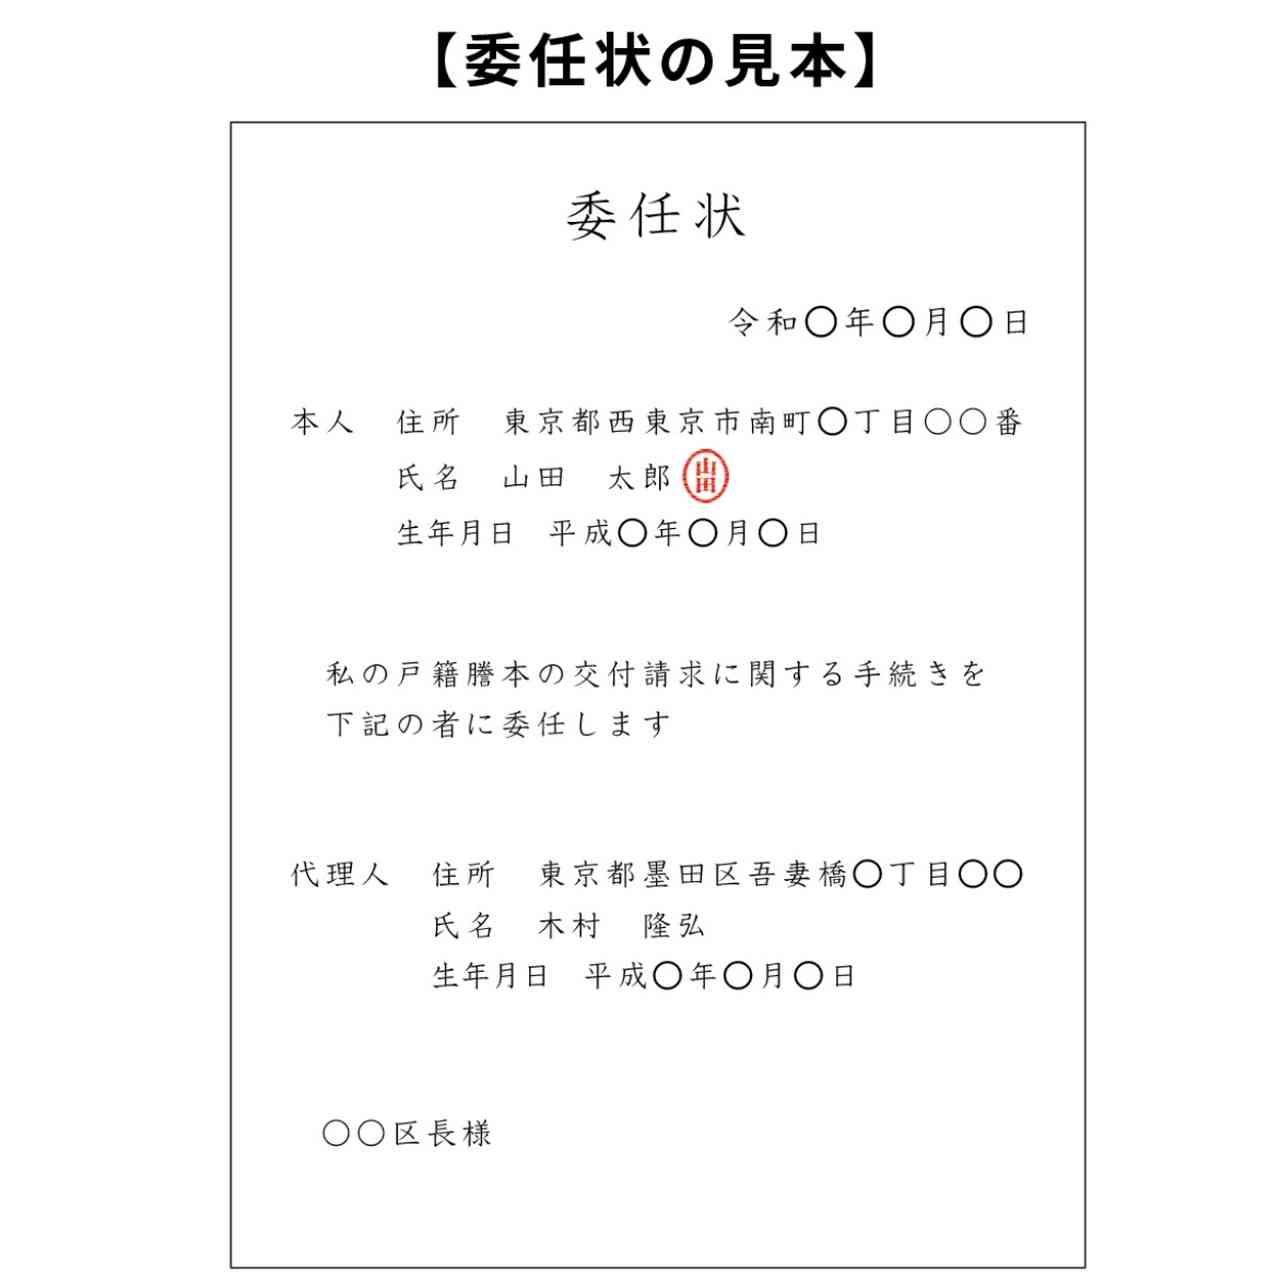 戸籍謄本取得の委任状の書き方見本